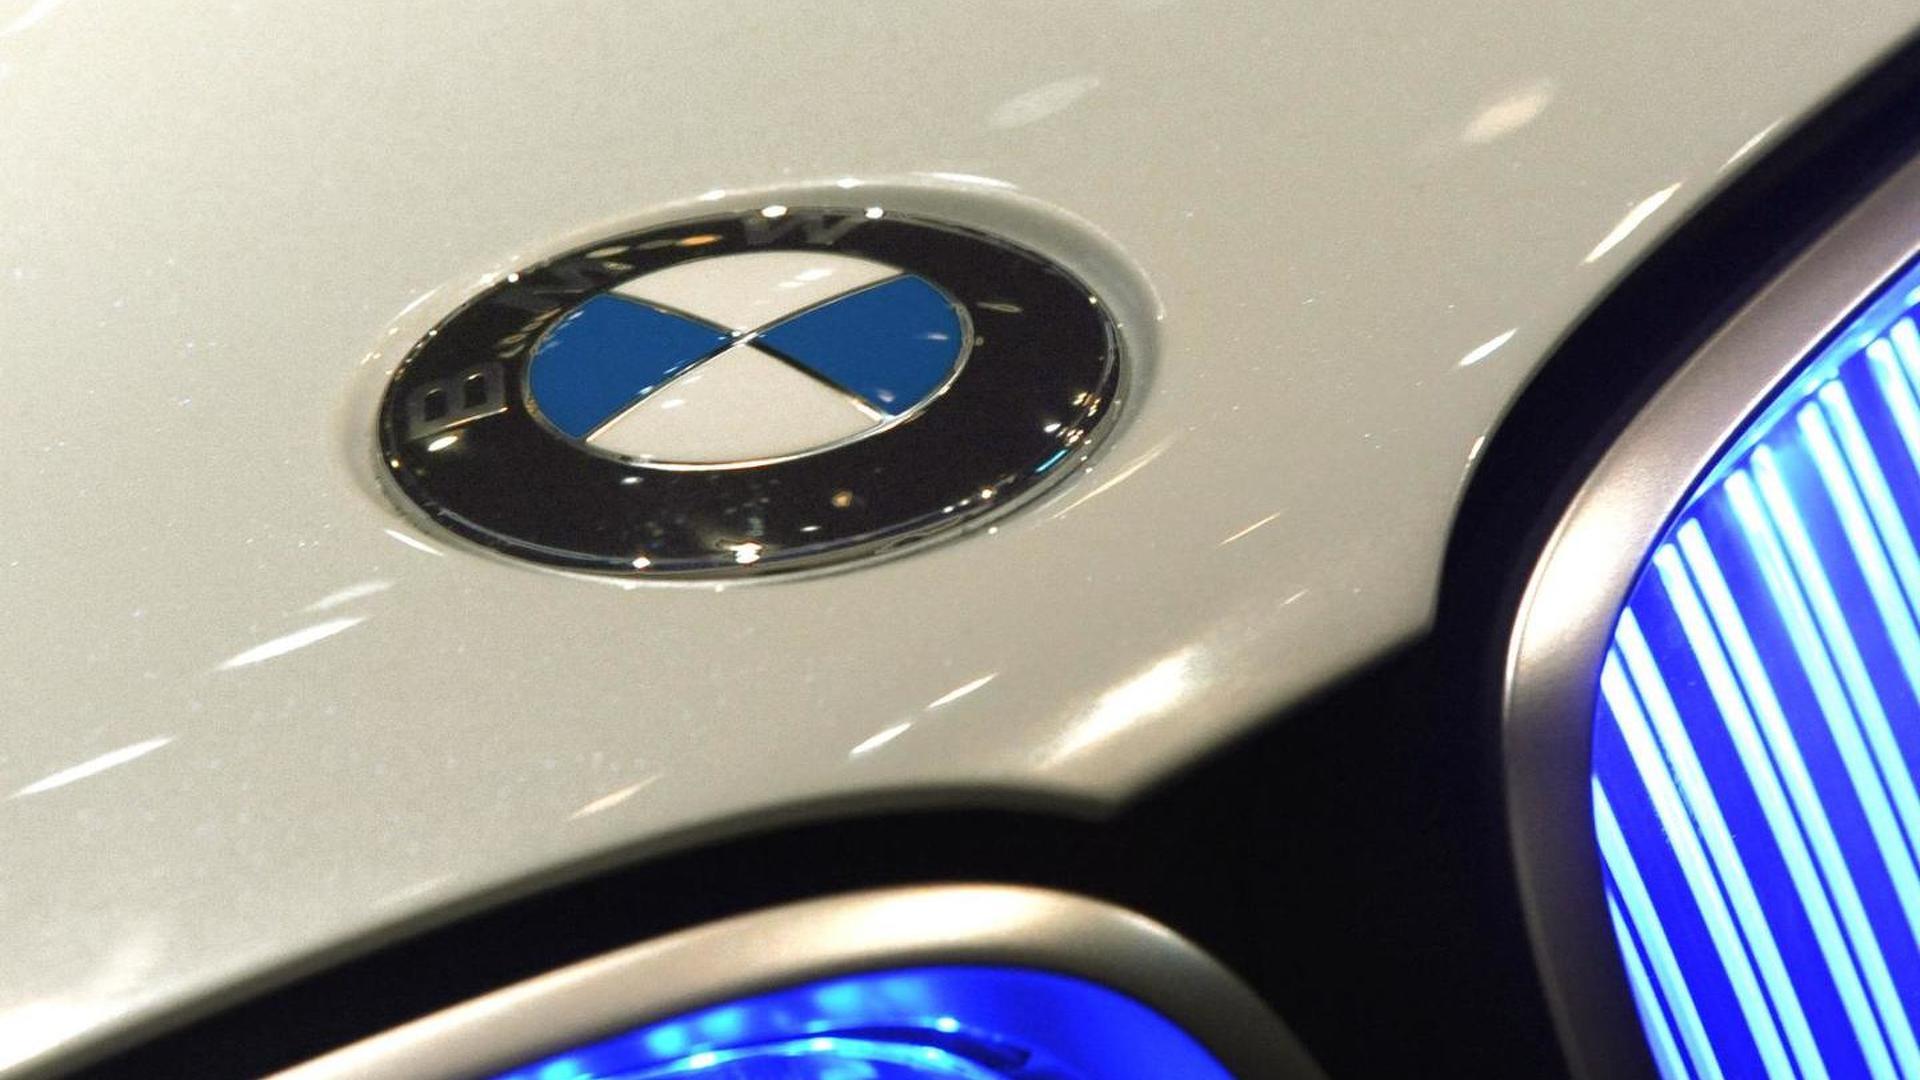 BMW leads sales race against Audi, Mercedes-Benz